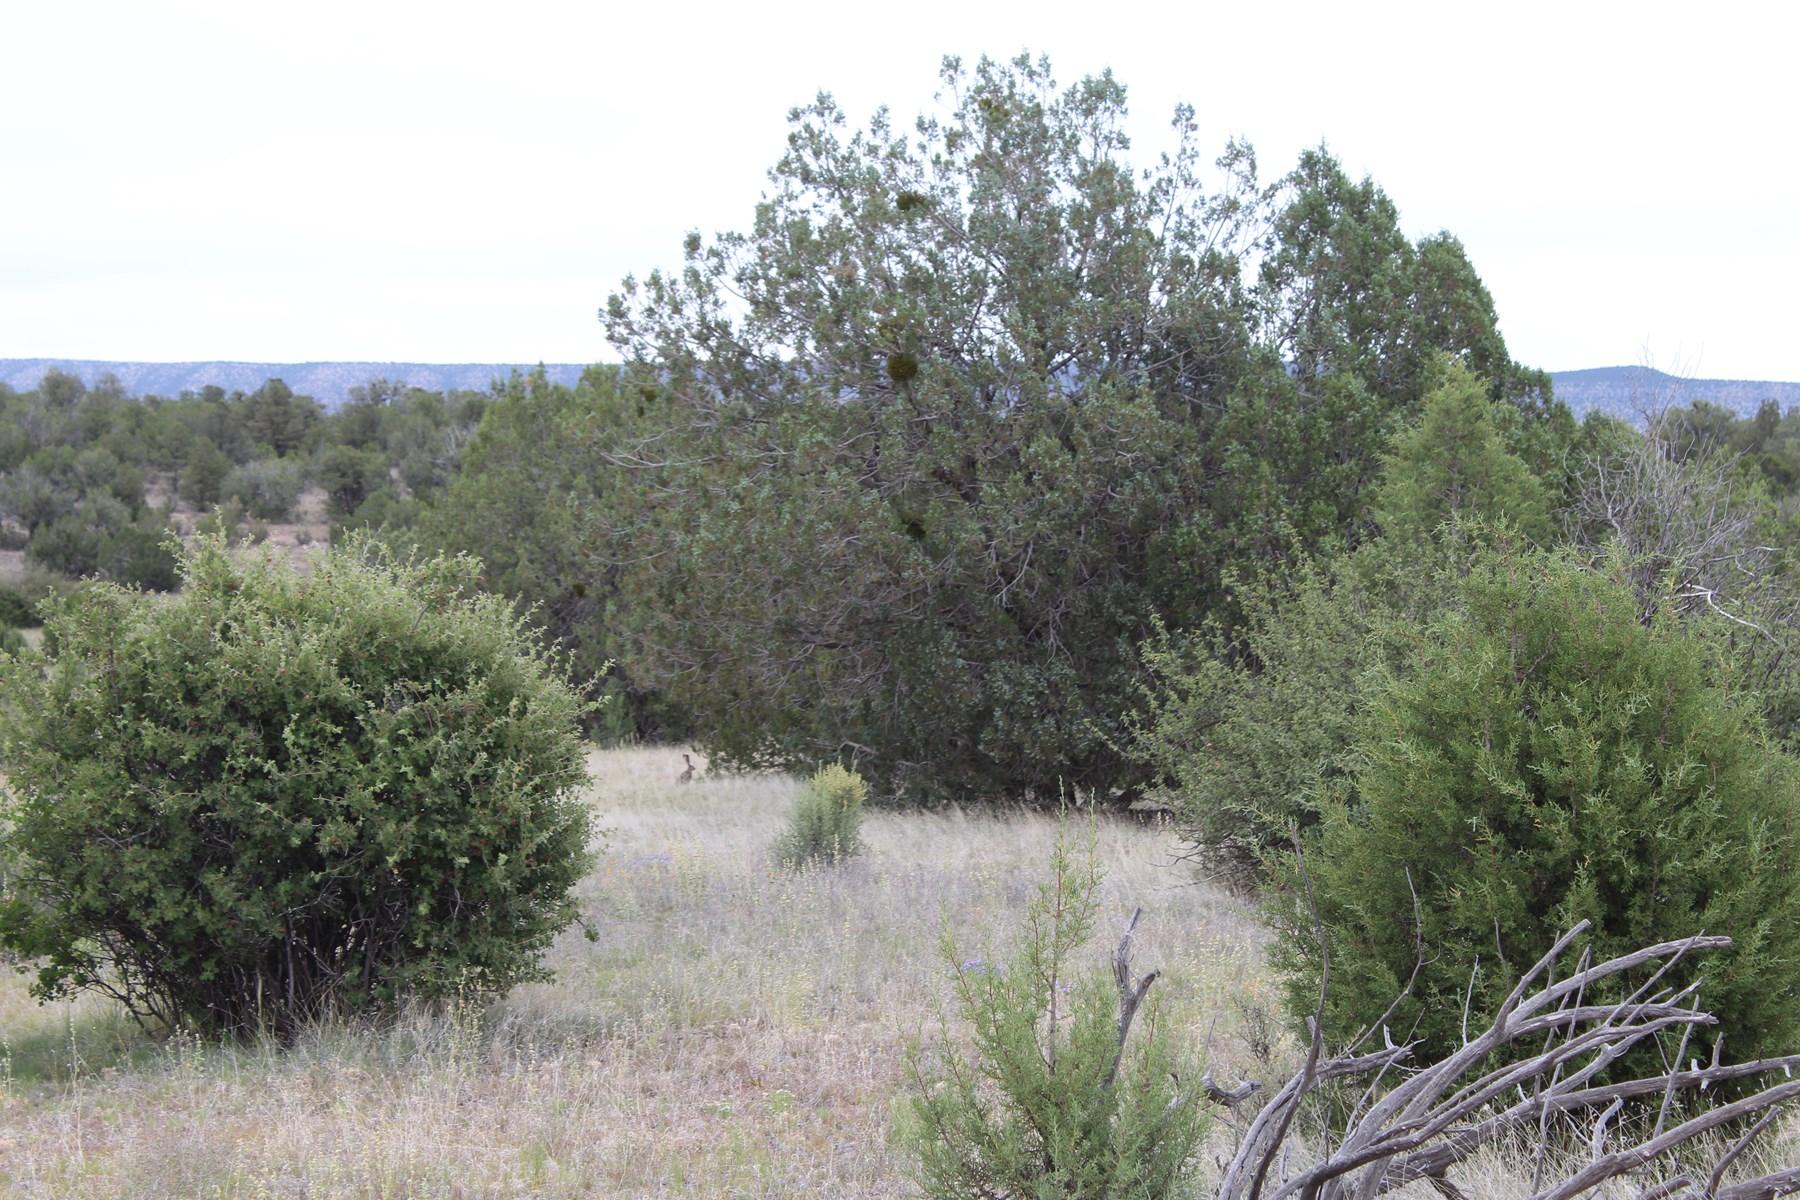 Rural Mountain Acreage that borders State Trust Land Arizona